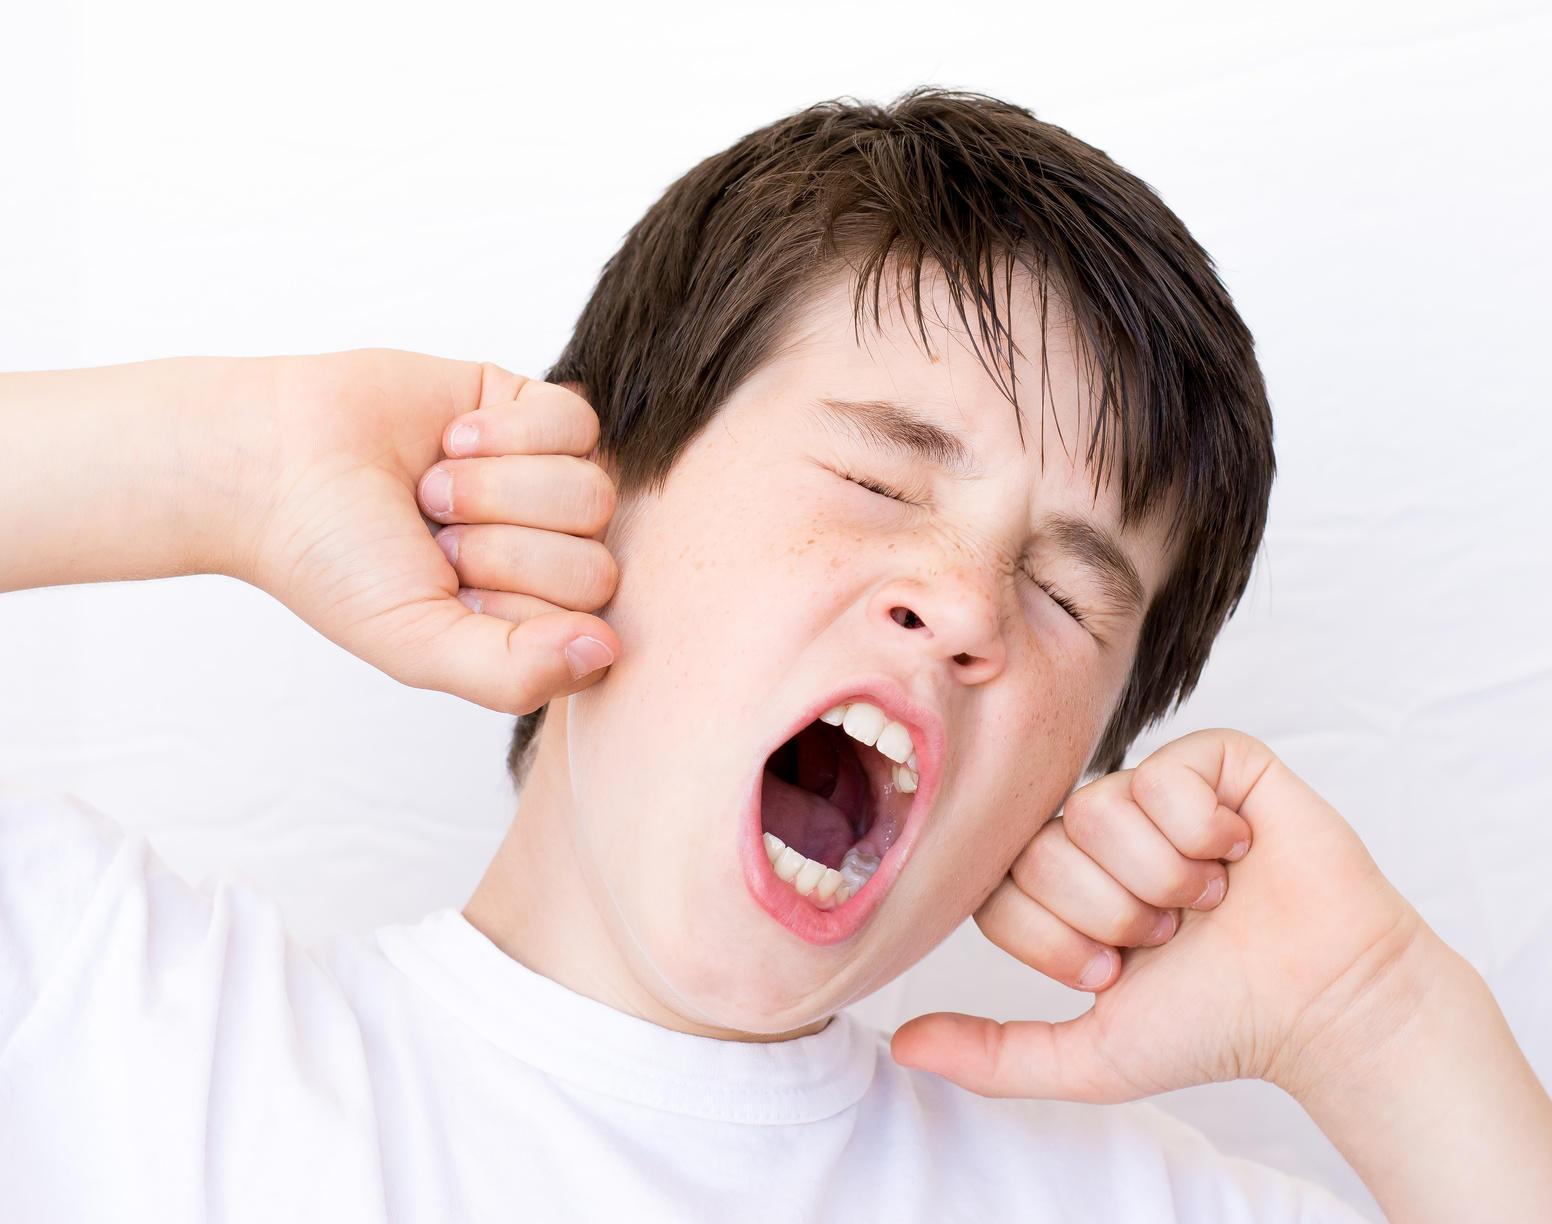 quelles sont les causes de la fatigue chez l 39 enfant medisite. Black Bedroom Furniture Sets. Home Design Ideas